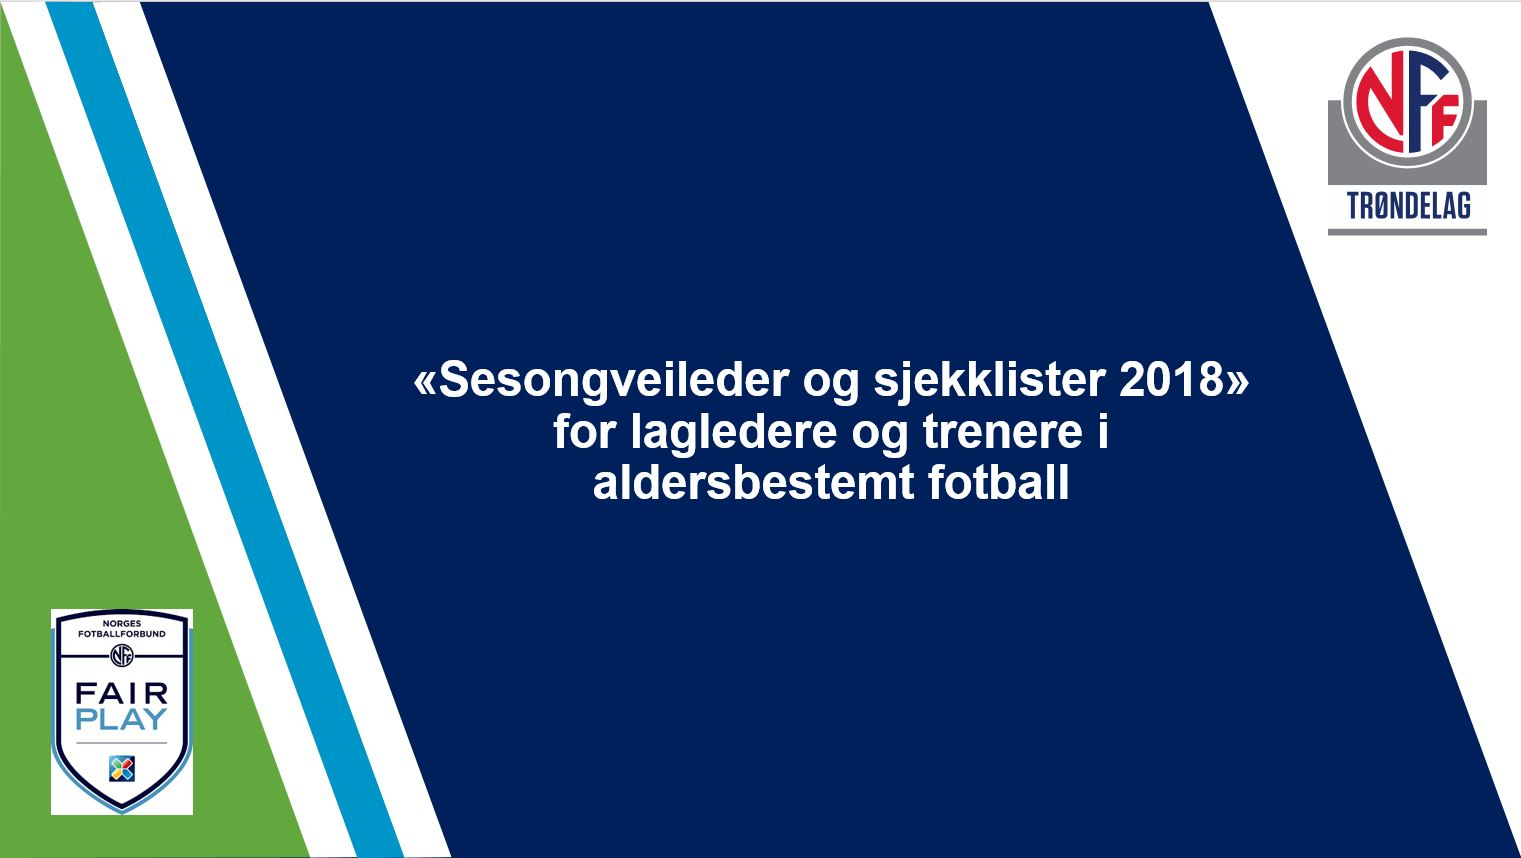 a6c606d6 Nardo Fotballklubb - Sesongveileder for lagledere og trenere